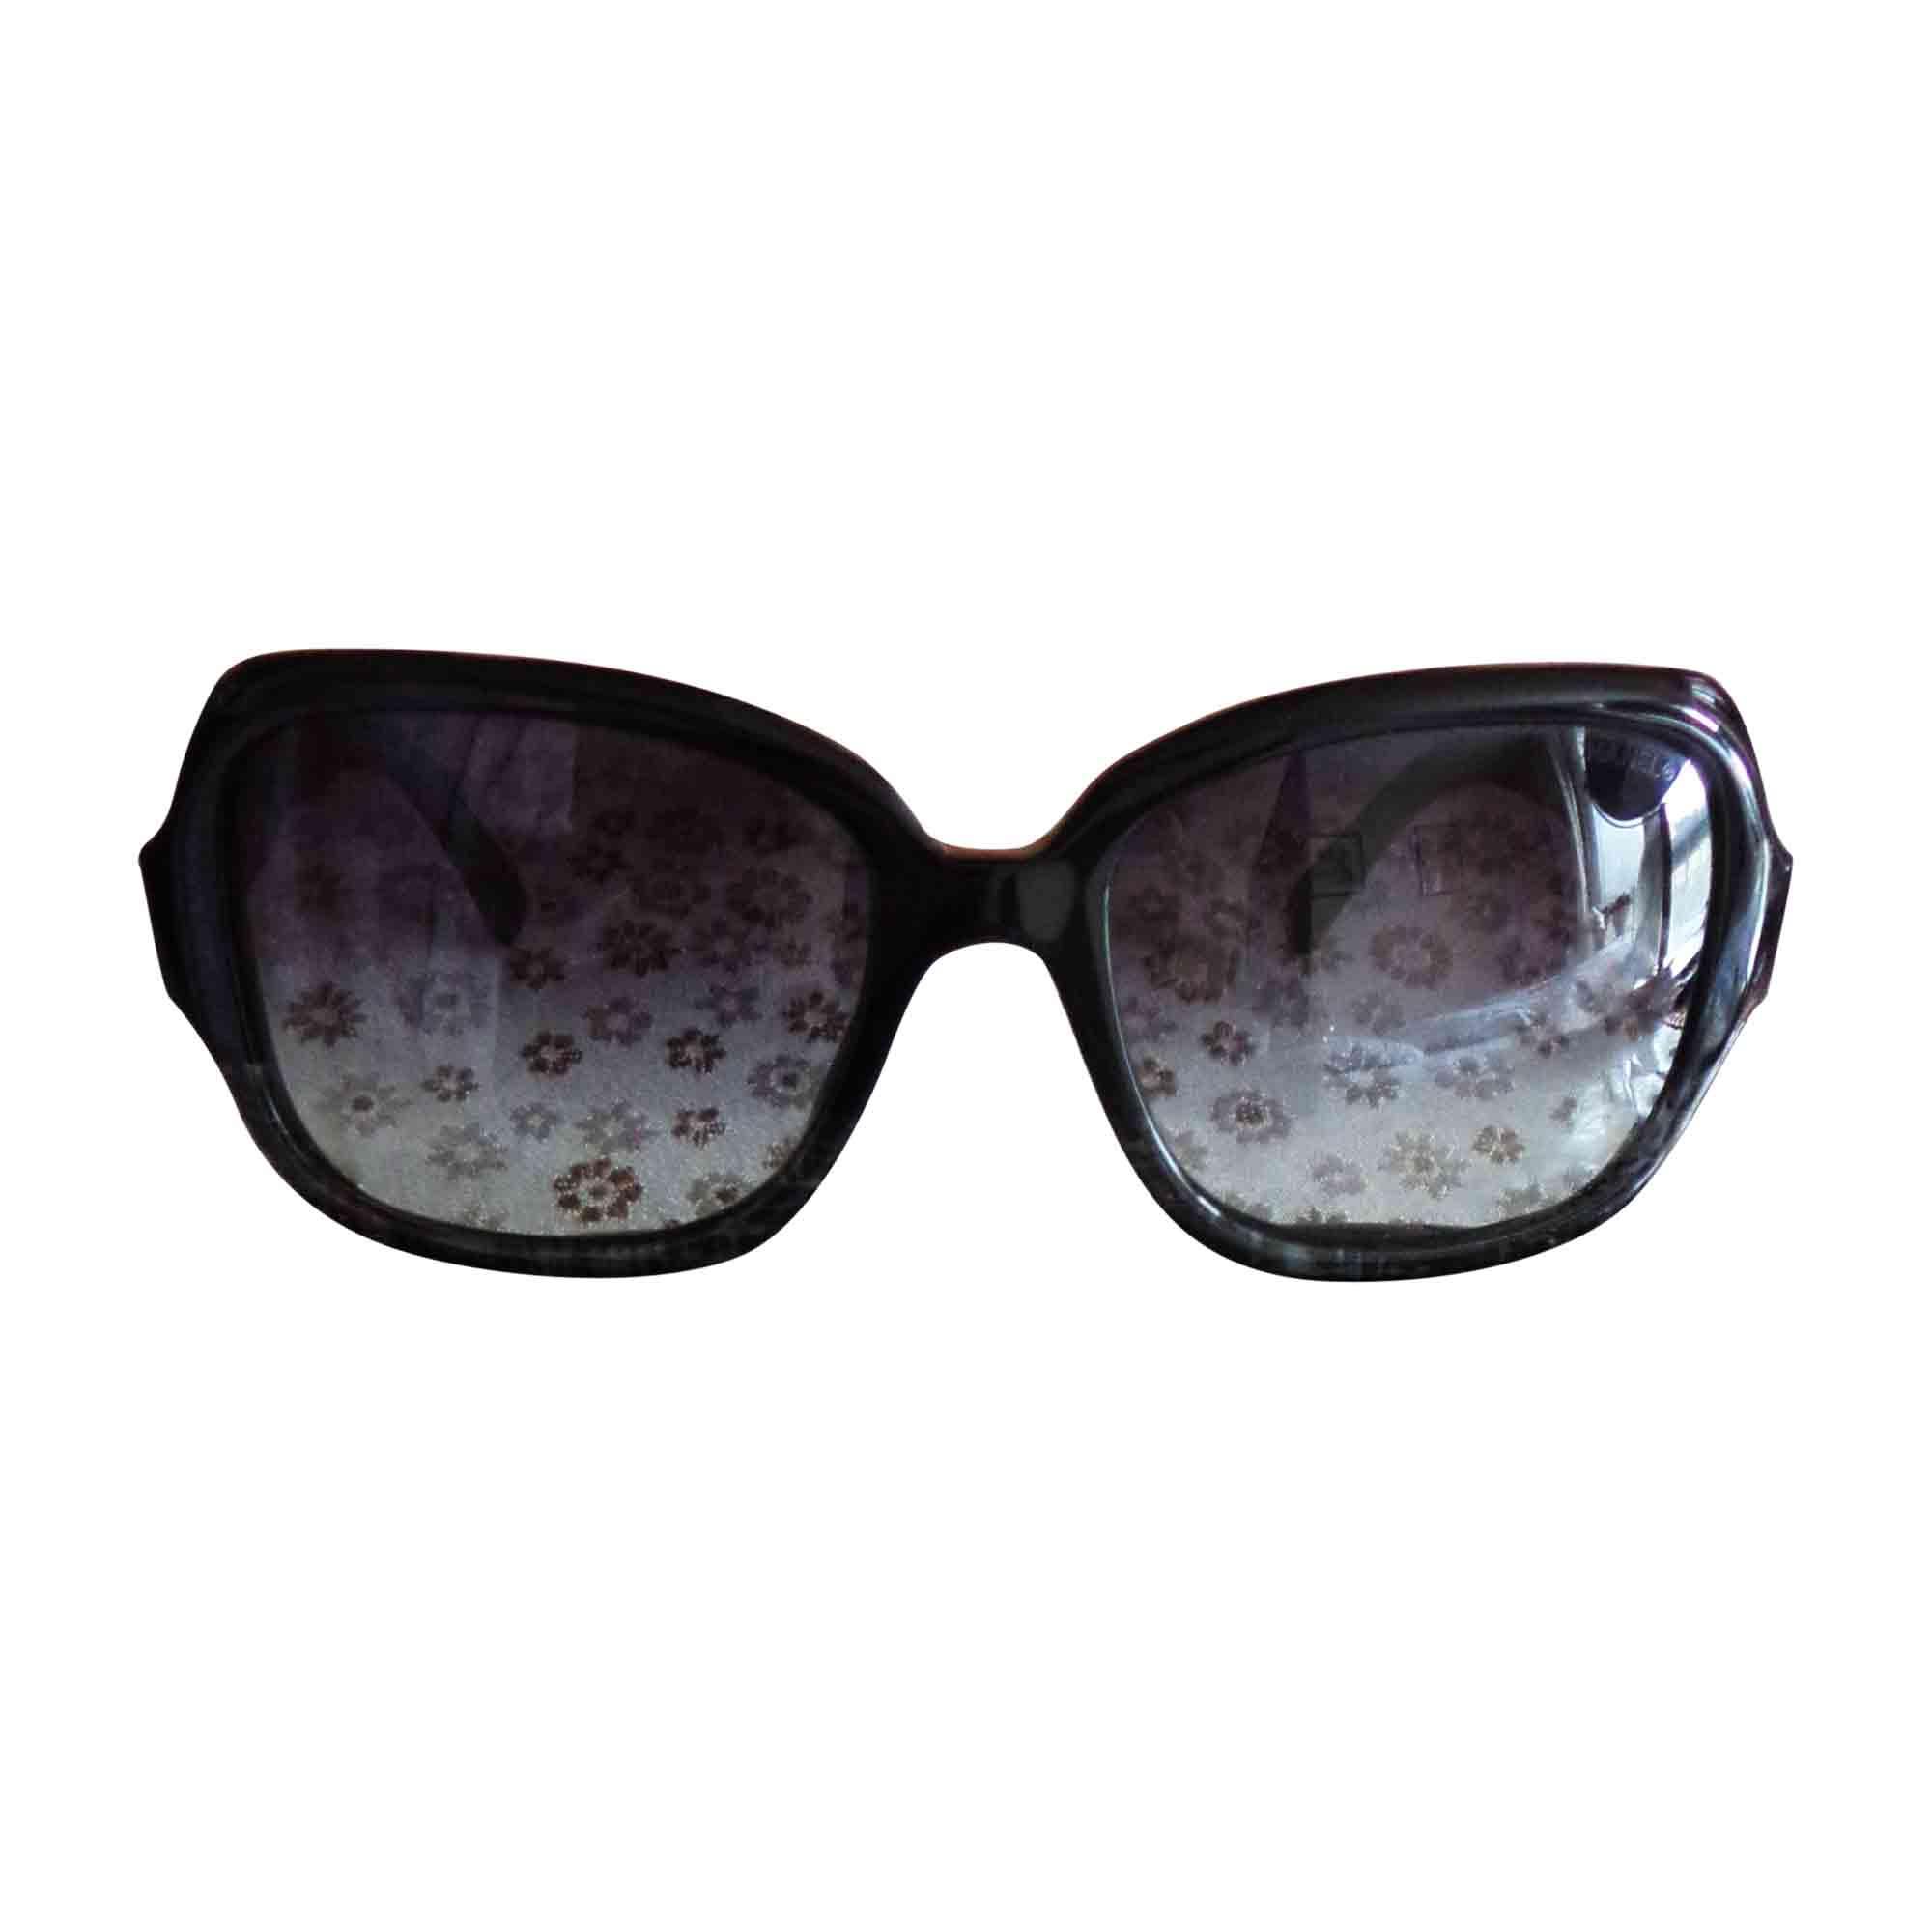 2e192476d47c1f Lunettes de soleil CHANEL noir vendu par Amandine 06 - 6497349